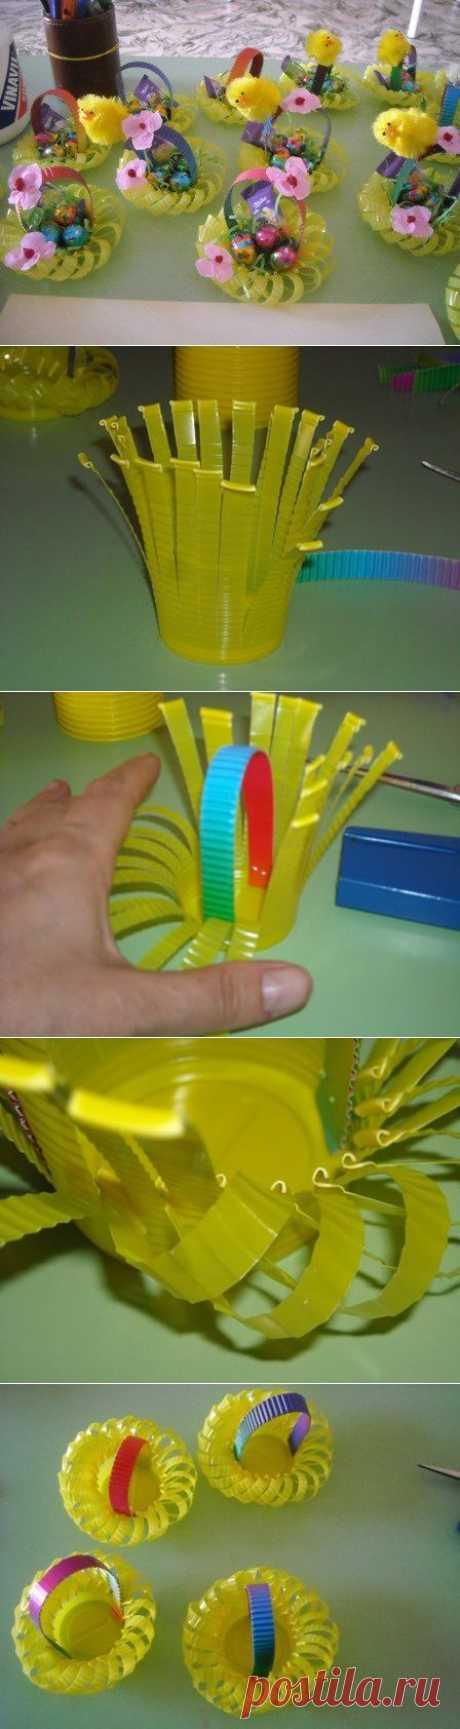 Пасхальные корзинки из пластиковых стаканчиков | Конфетный рай